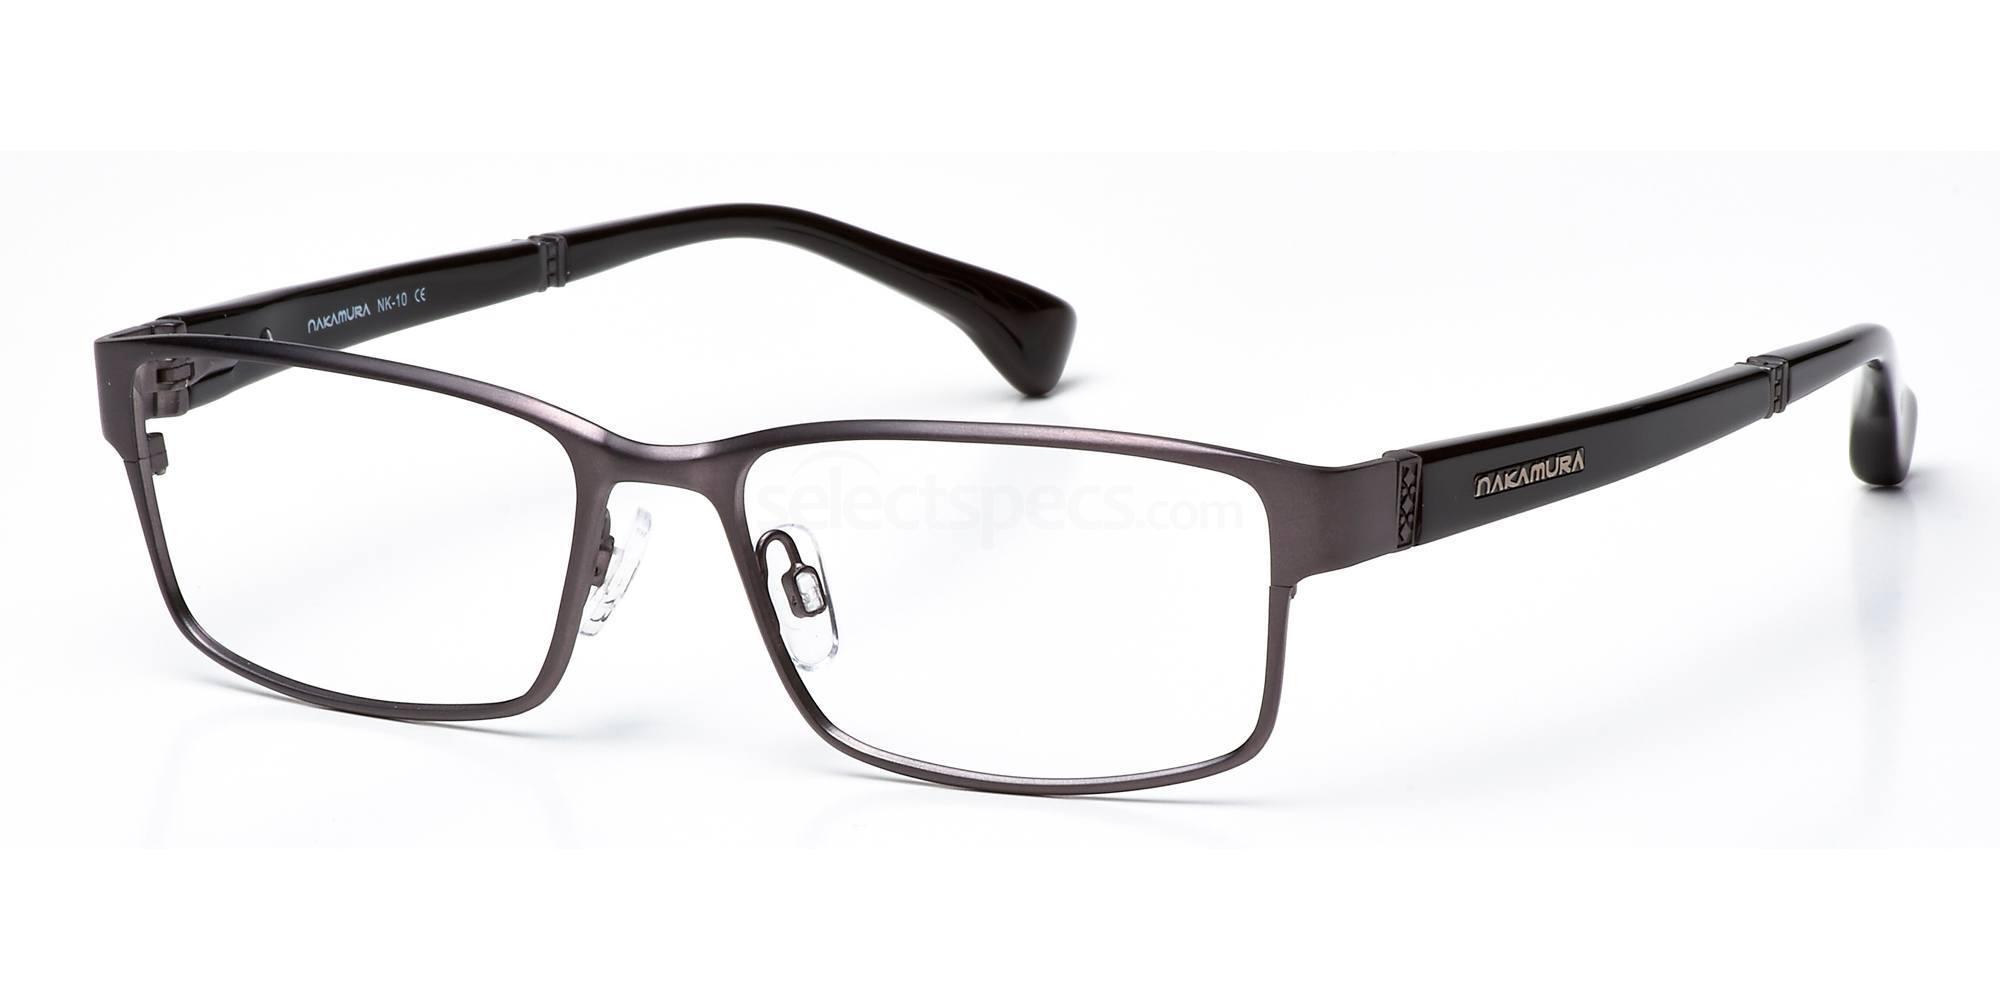 C1 NK10 Glasses, Nakamura